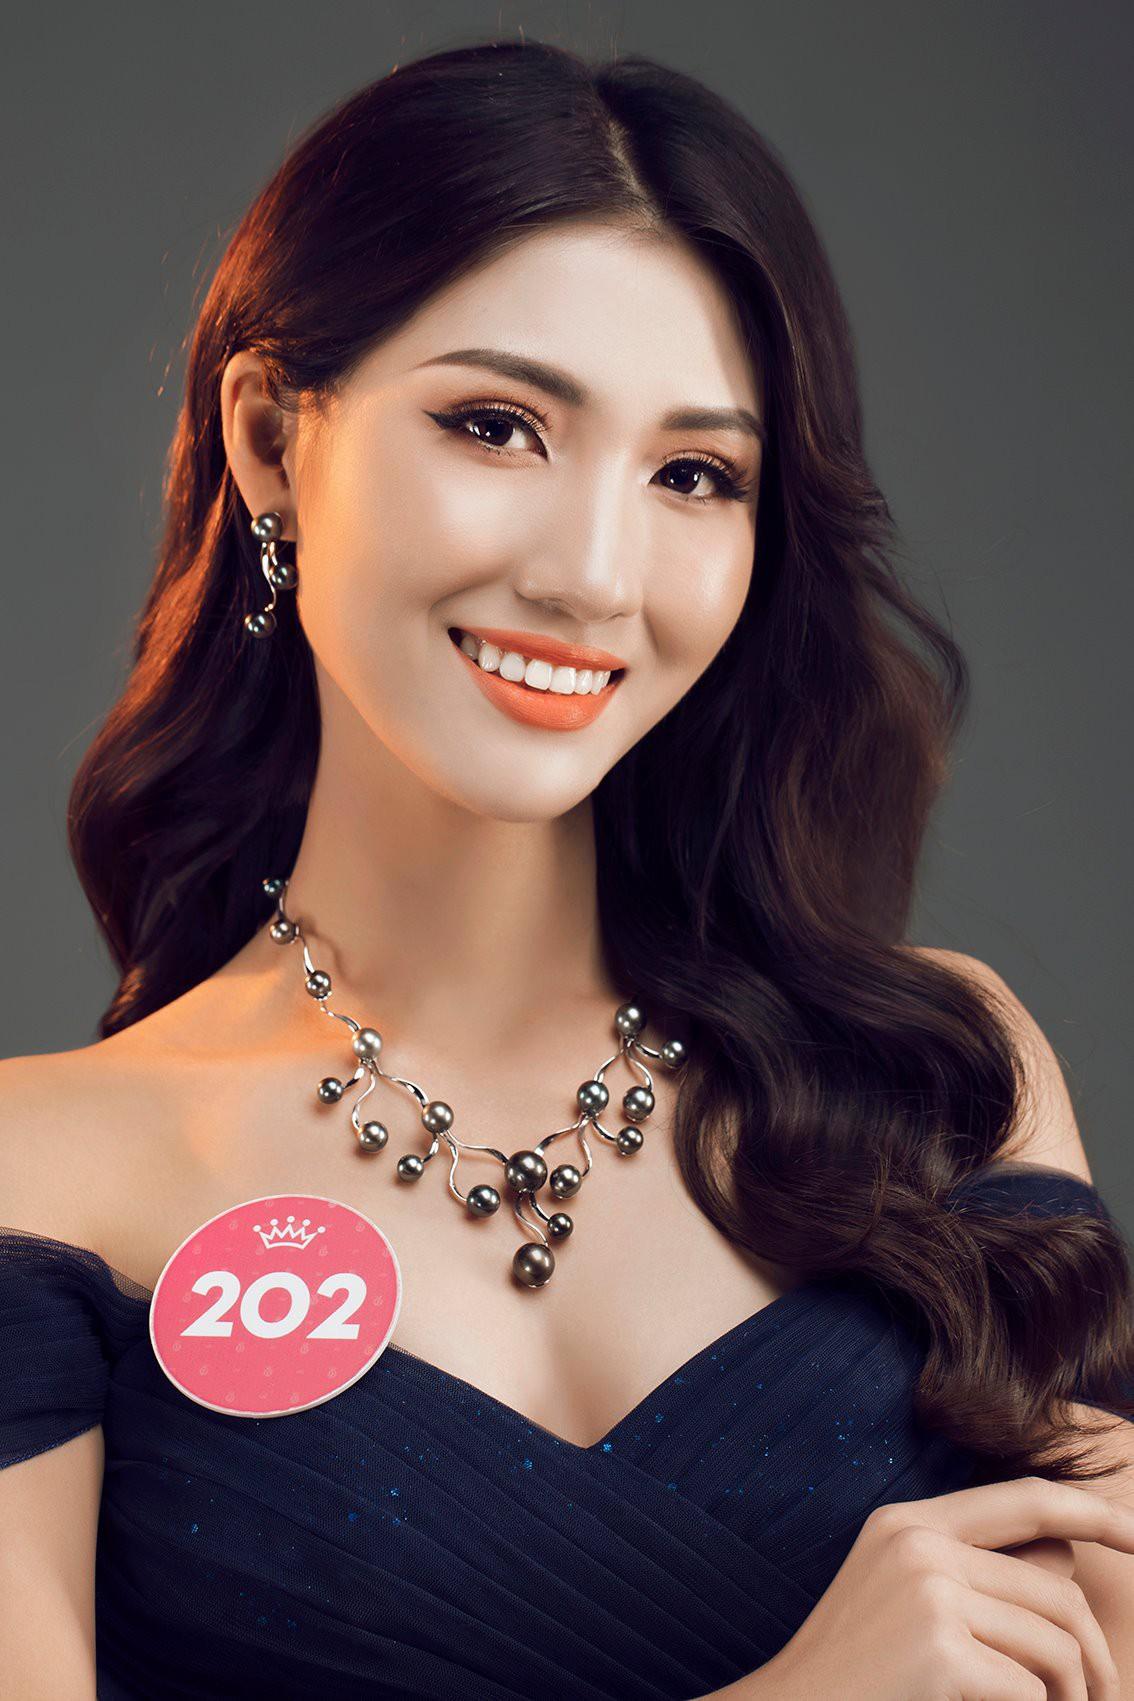 Đây là ngôi trường có 3 thí sinh được đánh giá sẽ kế nhiệm Đỗ Mỹ Linh đăng quang Hoa hậu Việt Nam 2018 - Ảnh 7.